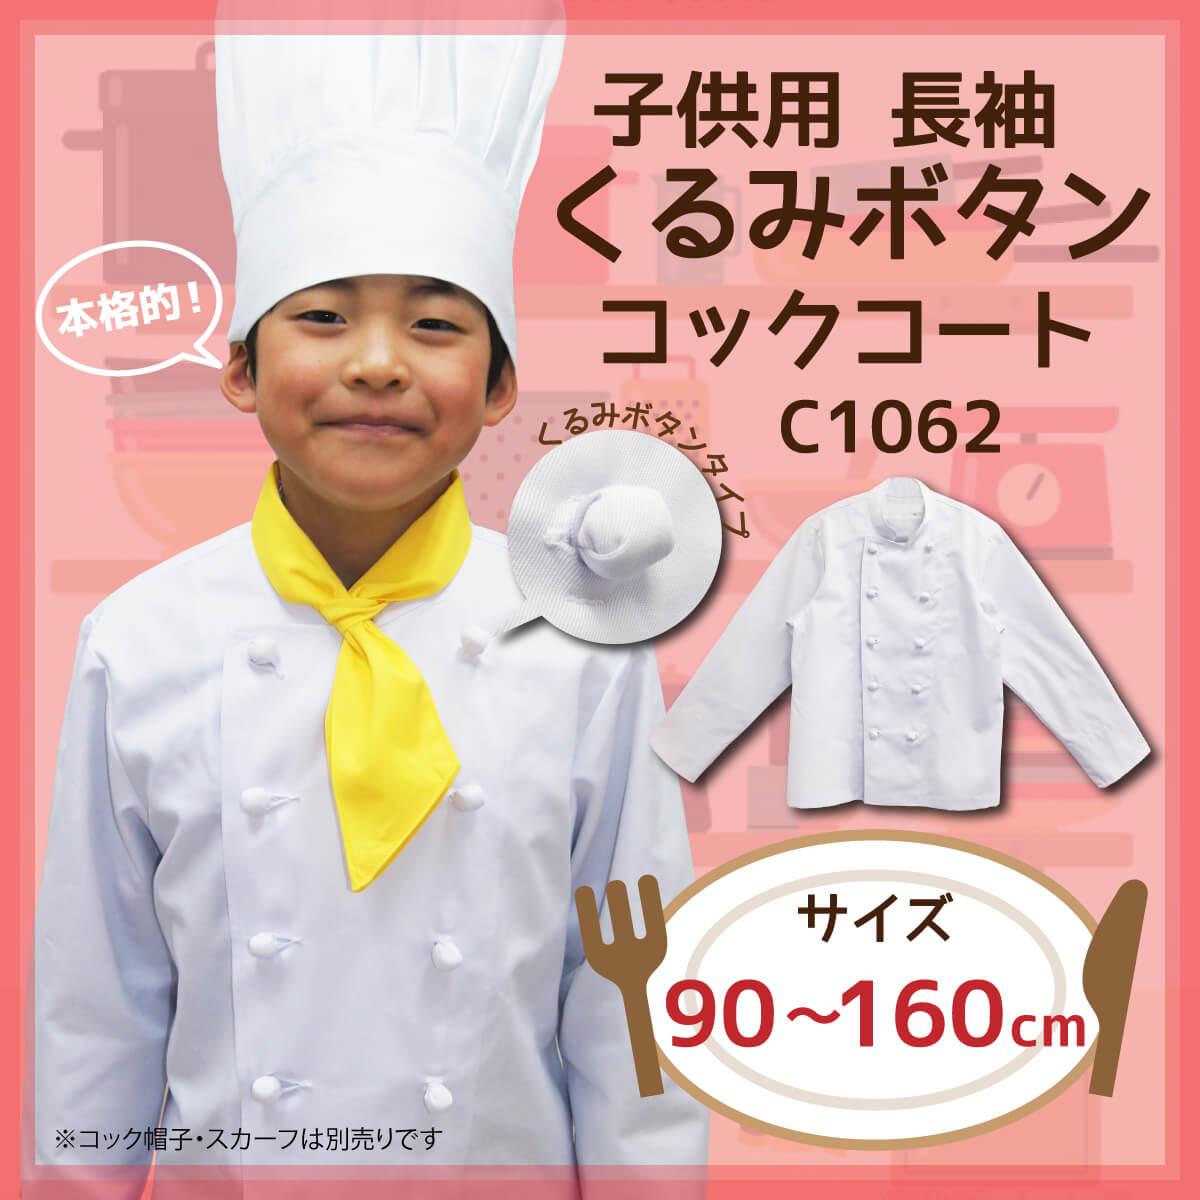 子供用長袖コックコート くるみボタン コックコート 長袖 児童用 白衣 白 シロ C1062